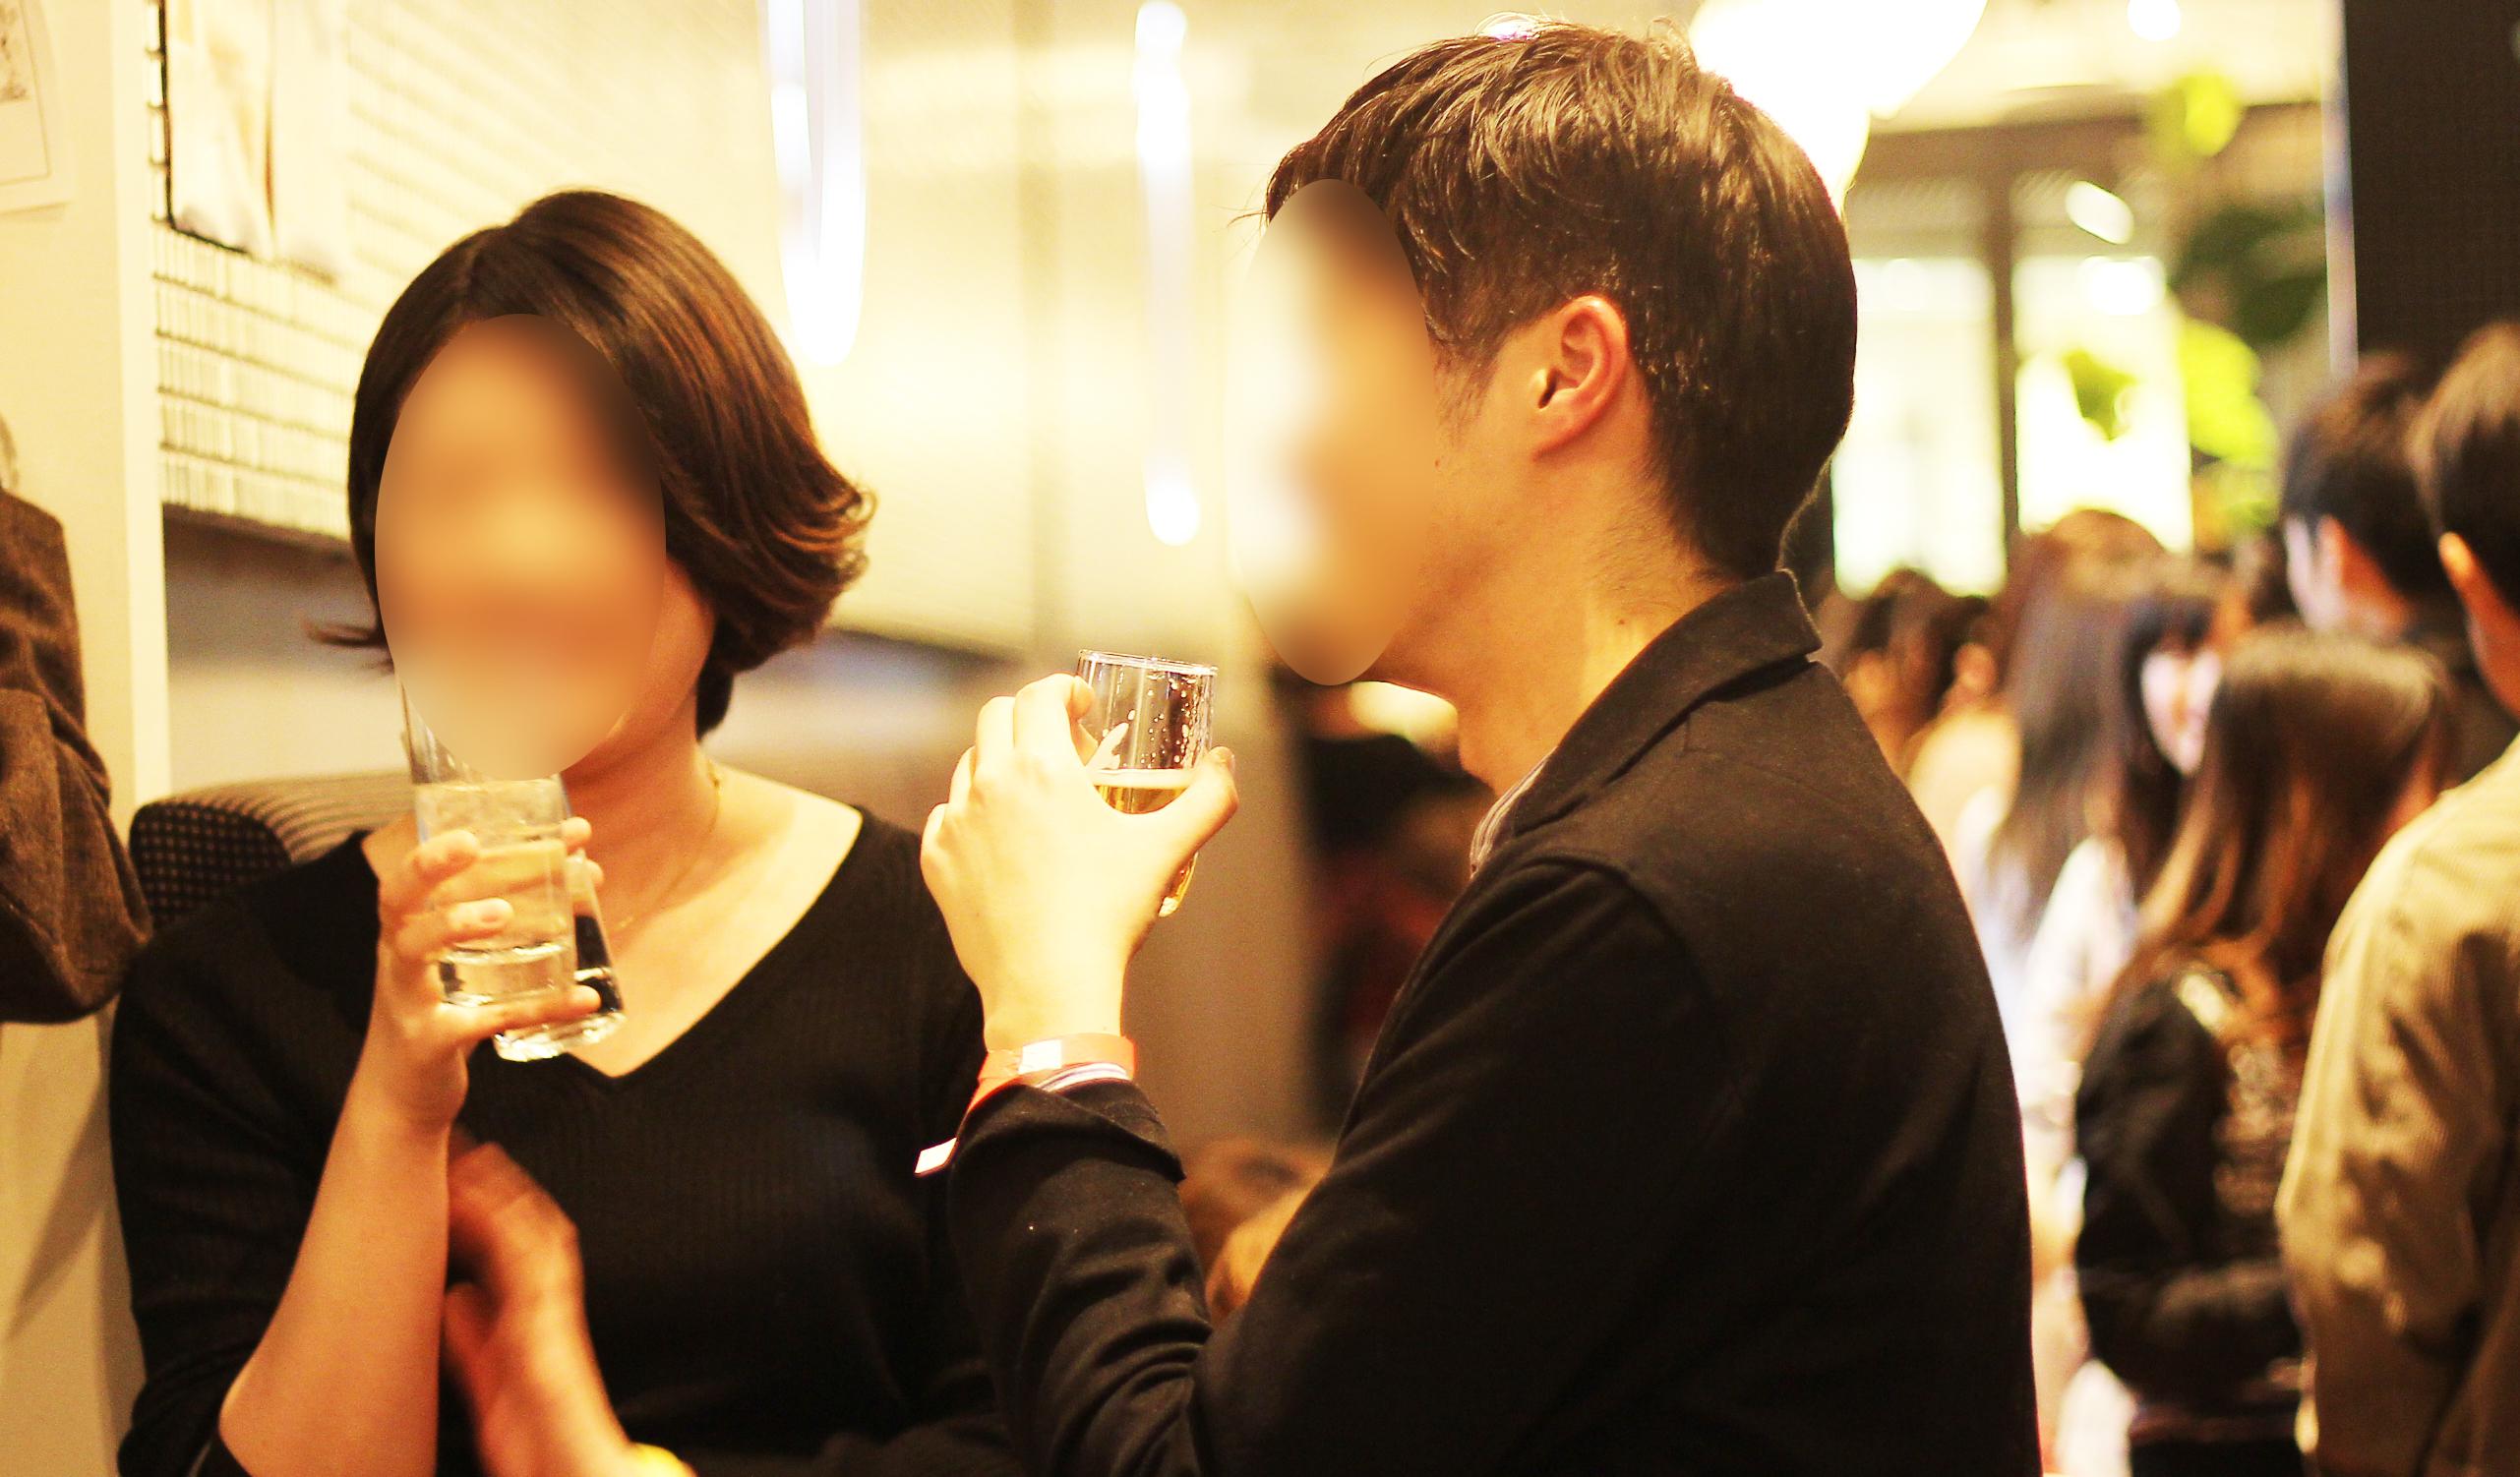 【神戸】異国情緒溢れるオシャレな街並みにムードは抜群☆立食婚活恋活パーティーを開催 サブ画像3